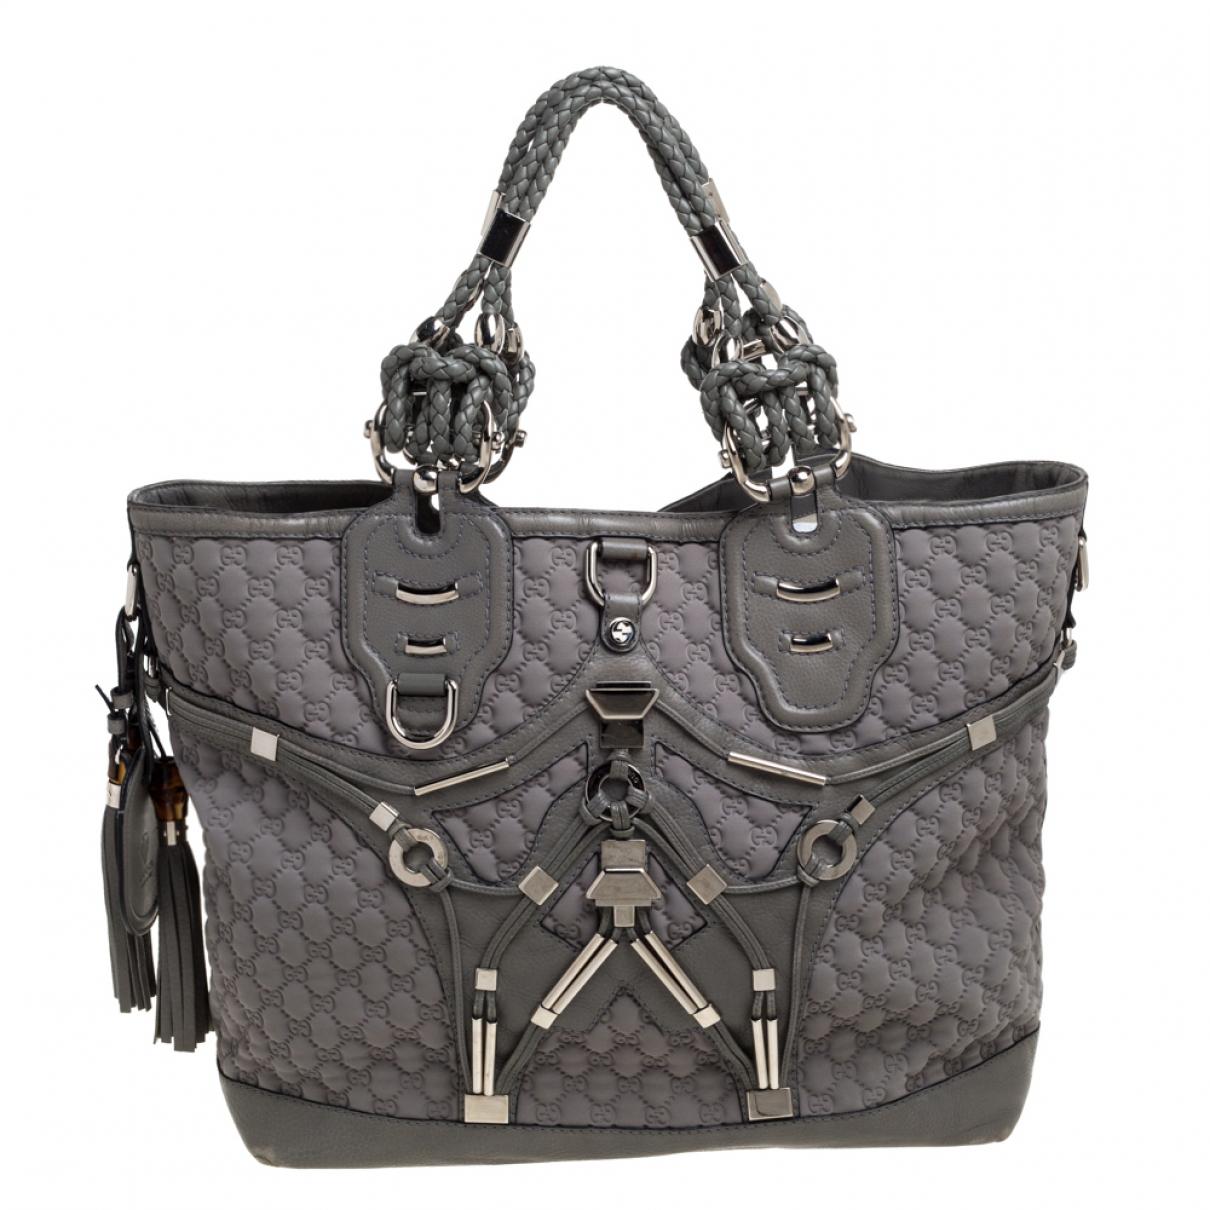 Gucci N Grey Leather handbag for Women N